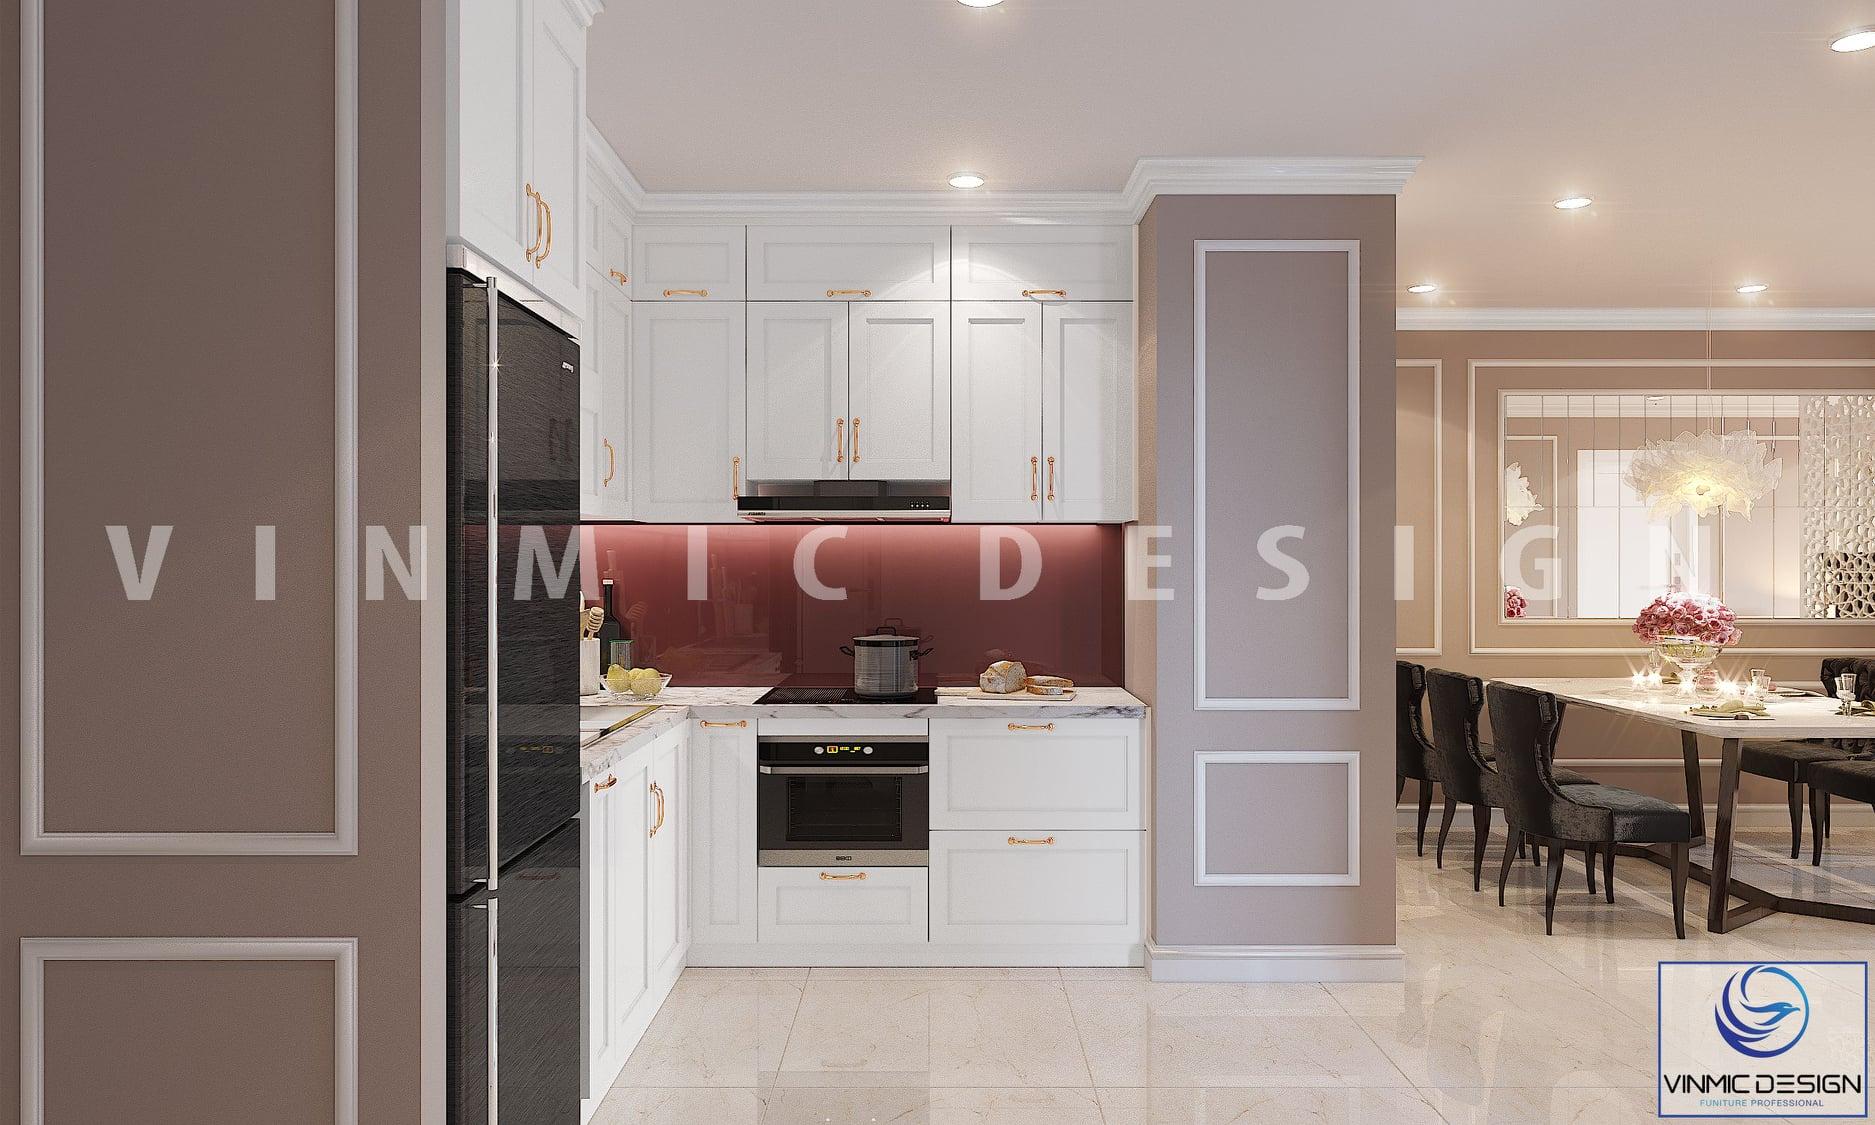 Thiết kế tủ bếp ấn tượng cho căn hộ 90m2